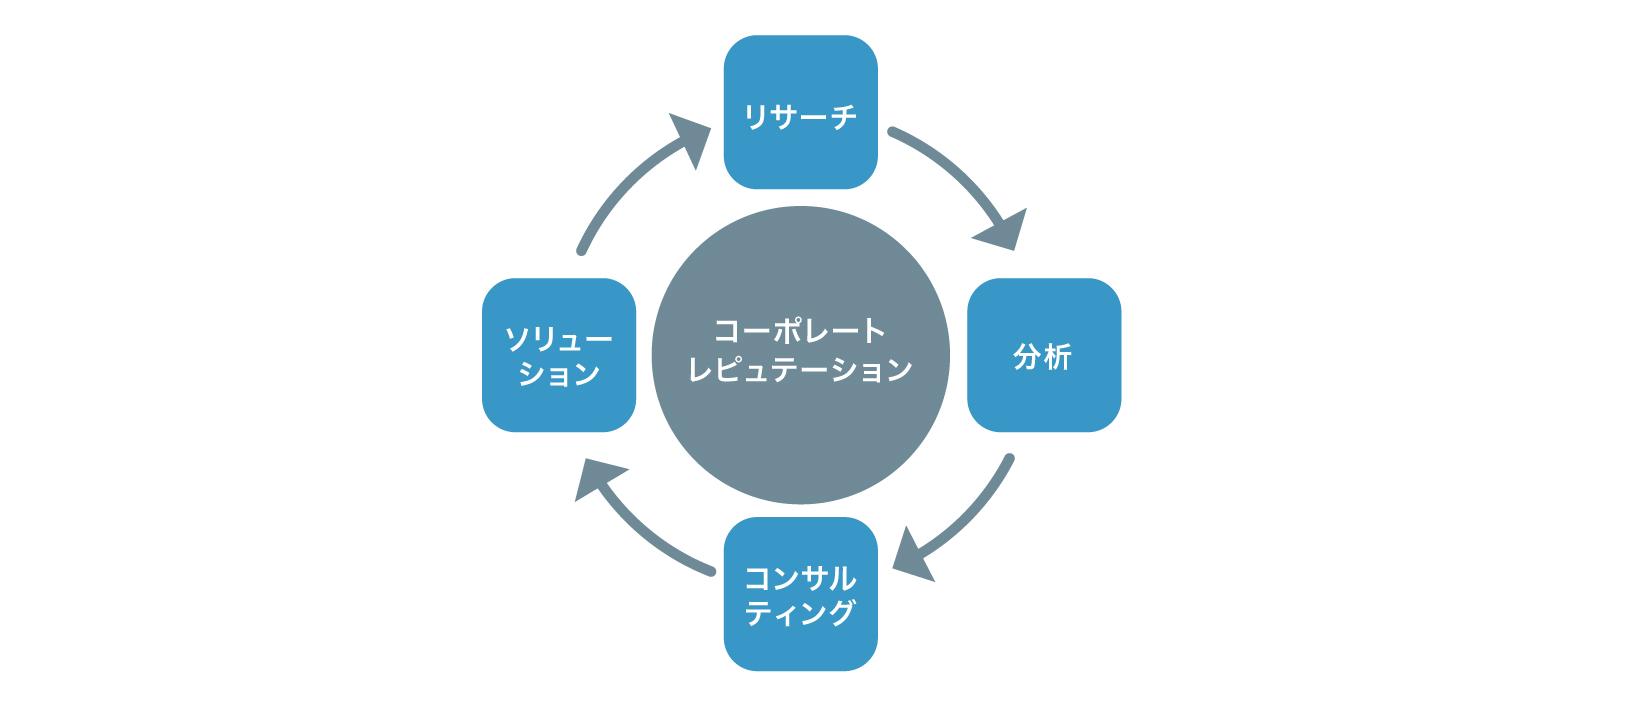 状況を分析・把握し、目標設定から情報発信施策まで